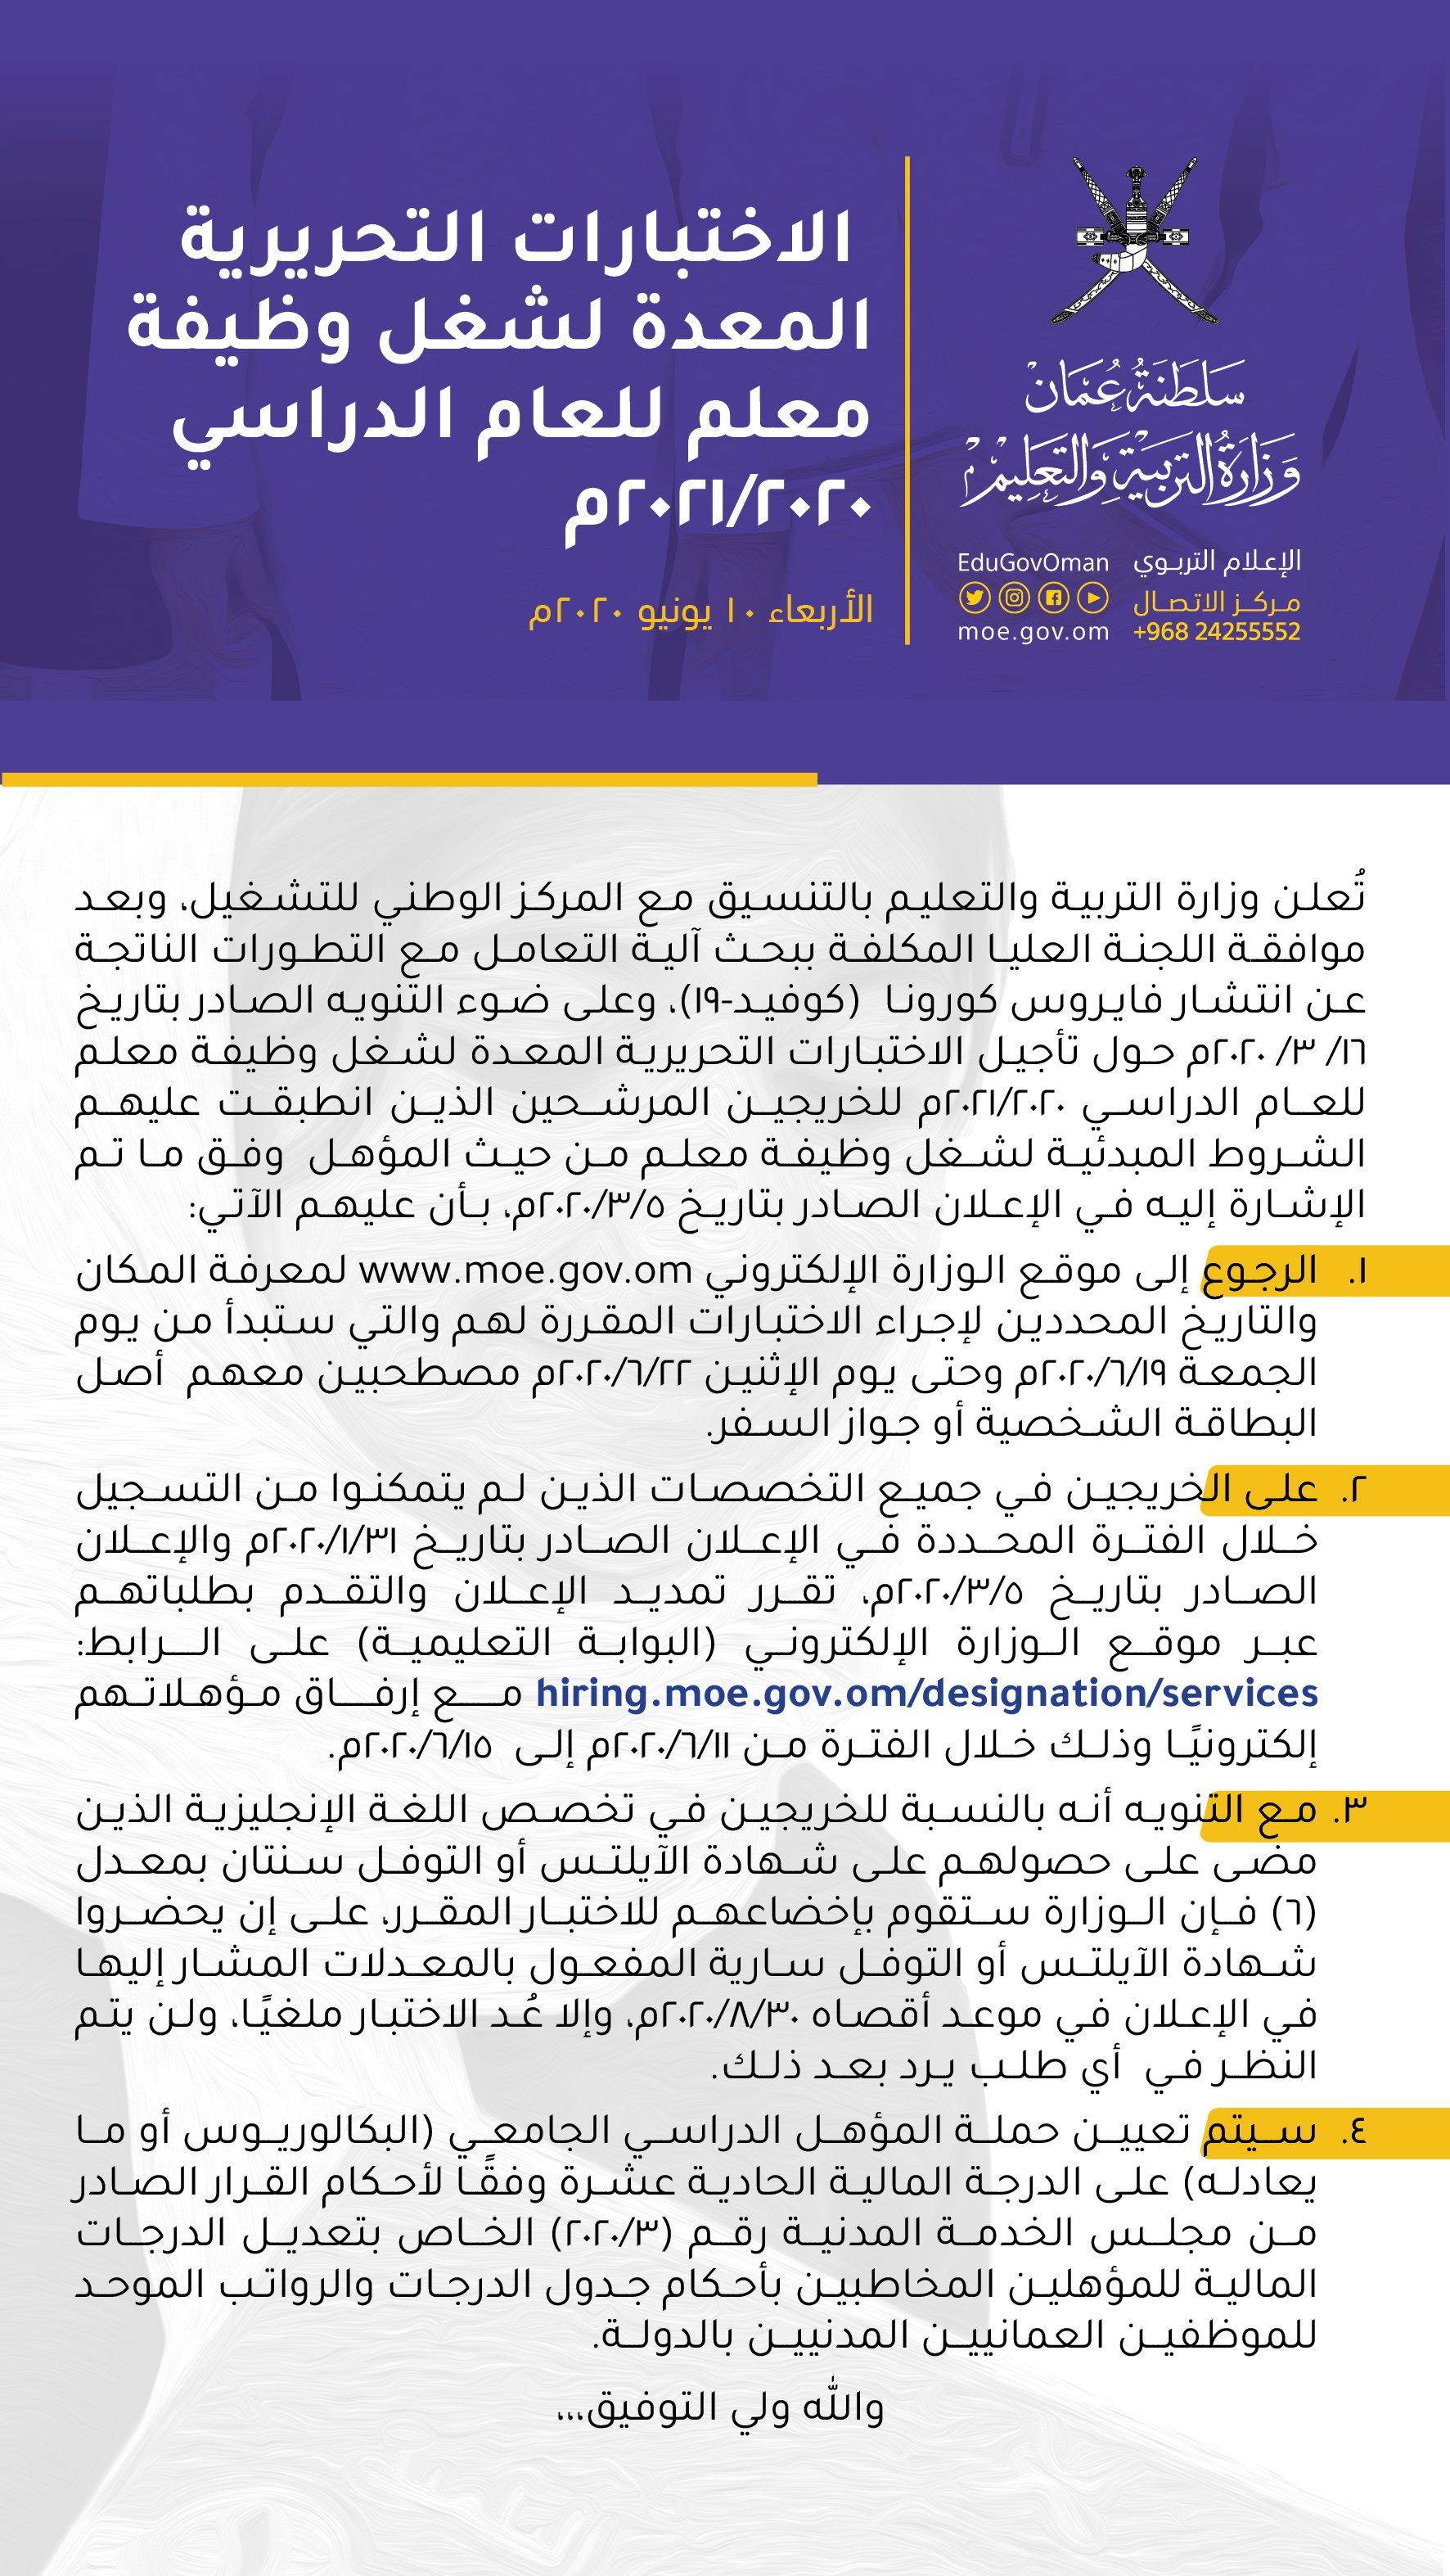 الإعلان عن مواعيد الاختبارات التحريرية المعدة لشغل وظيفة معلم